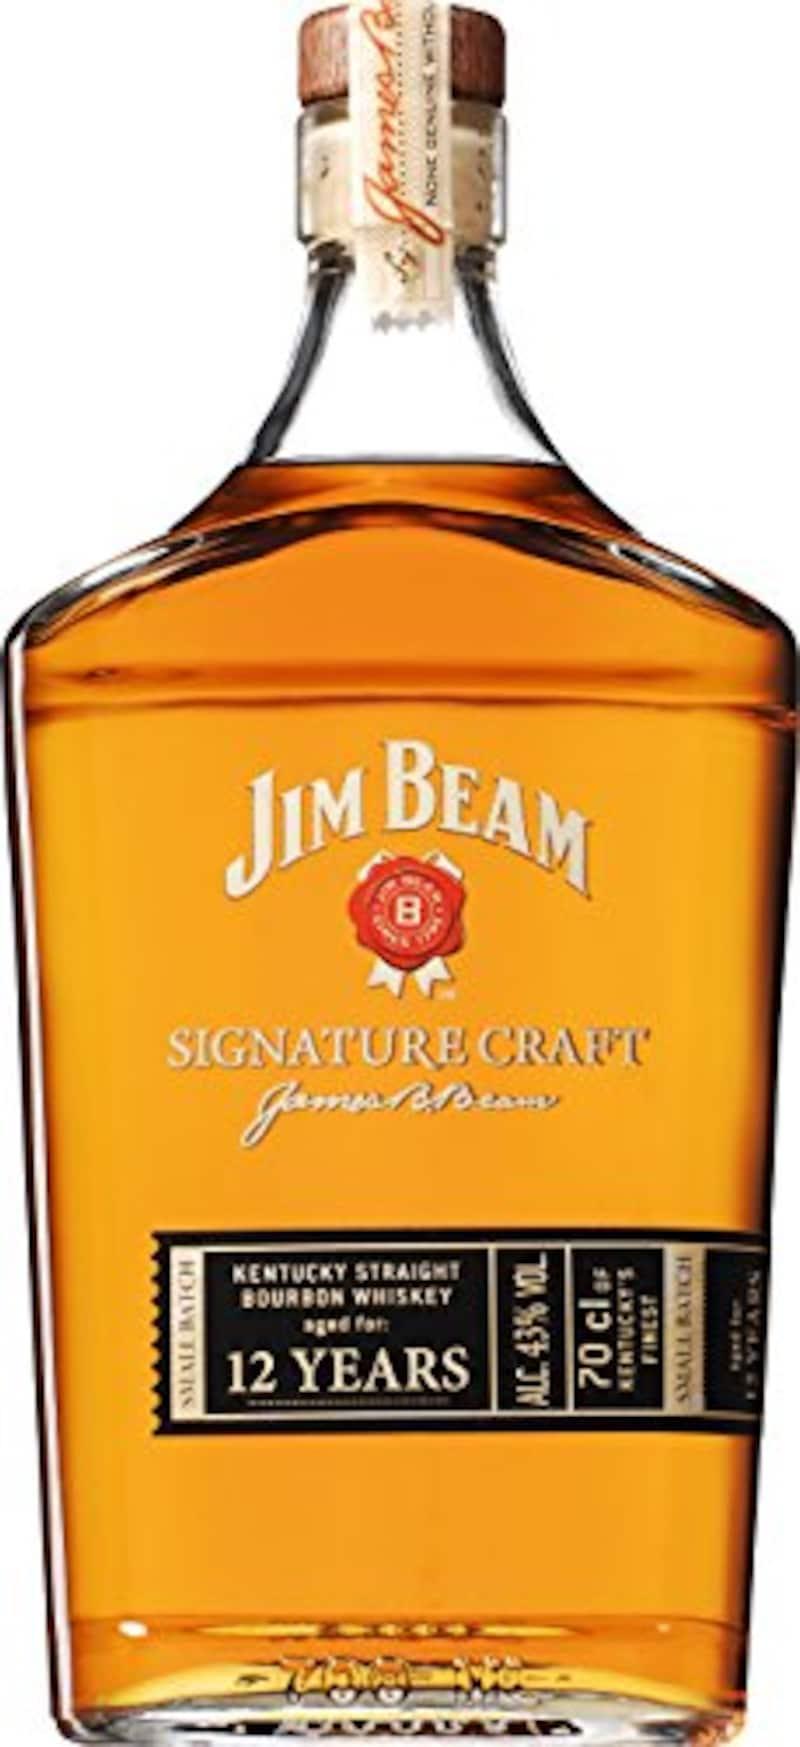 JIM BEAM(ジムビーム),ジムビーム シグネチャークラフト